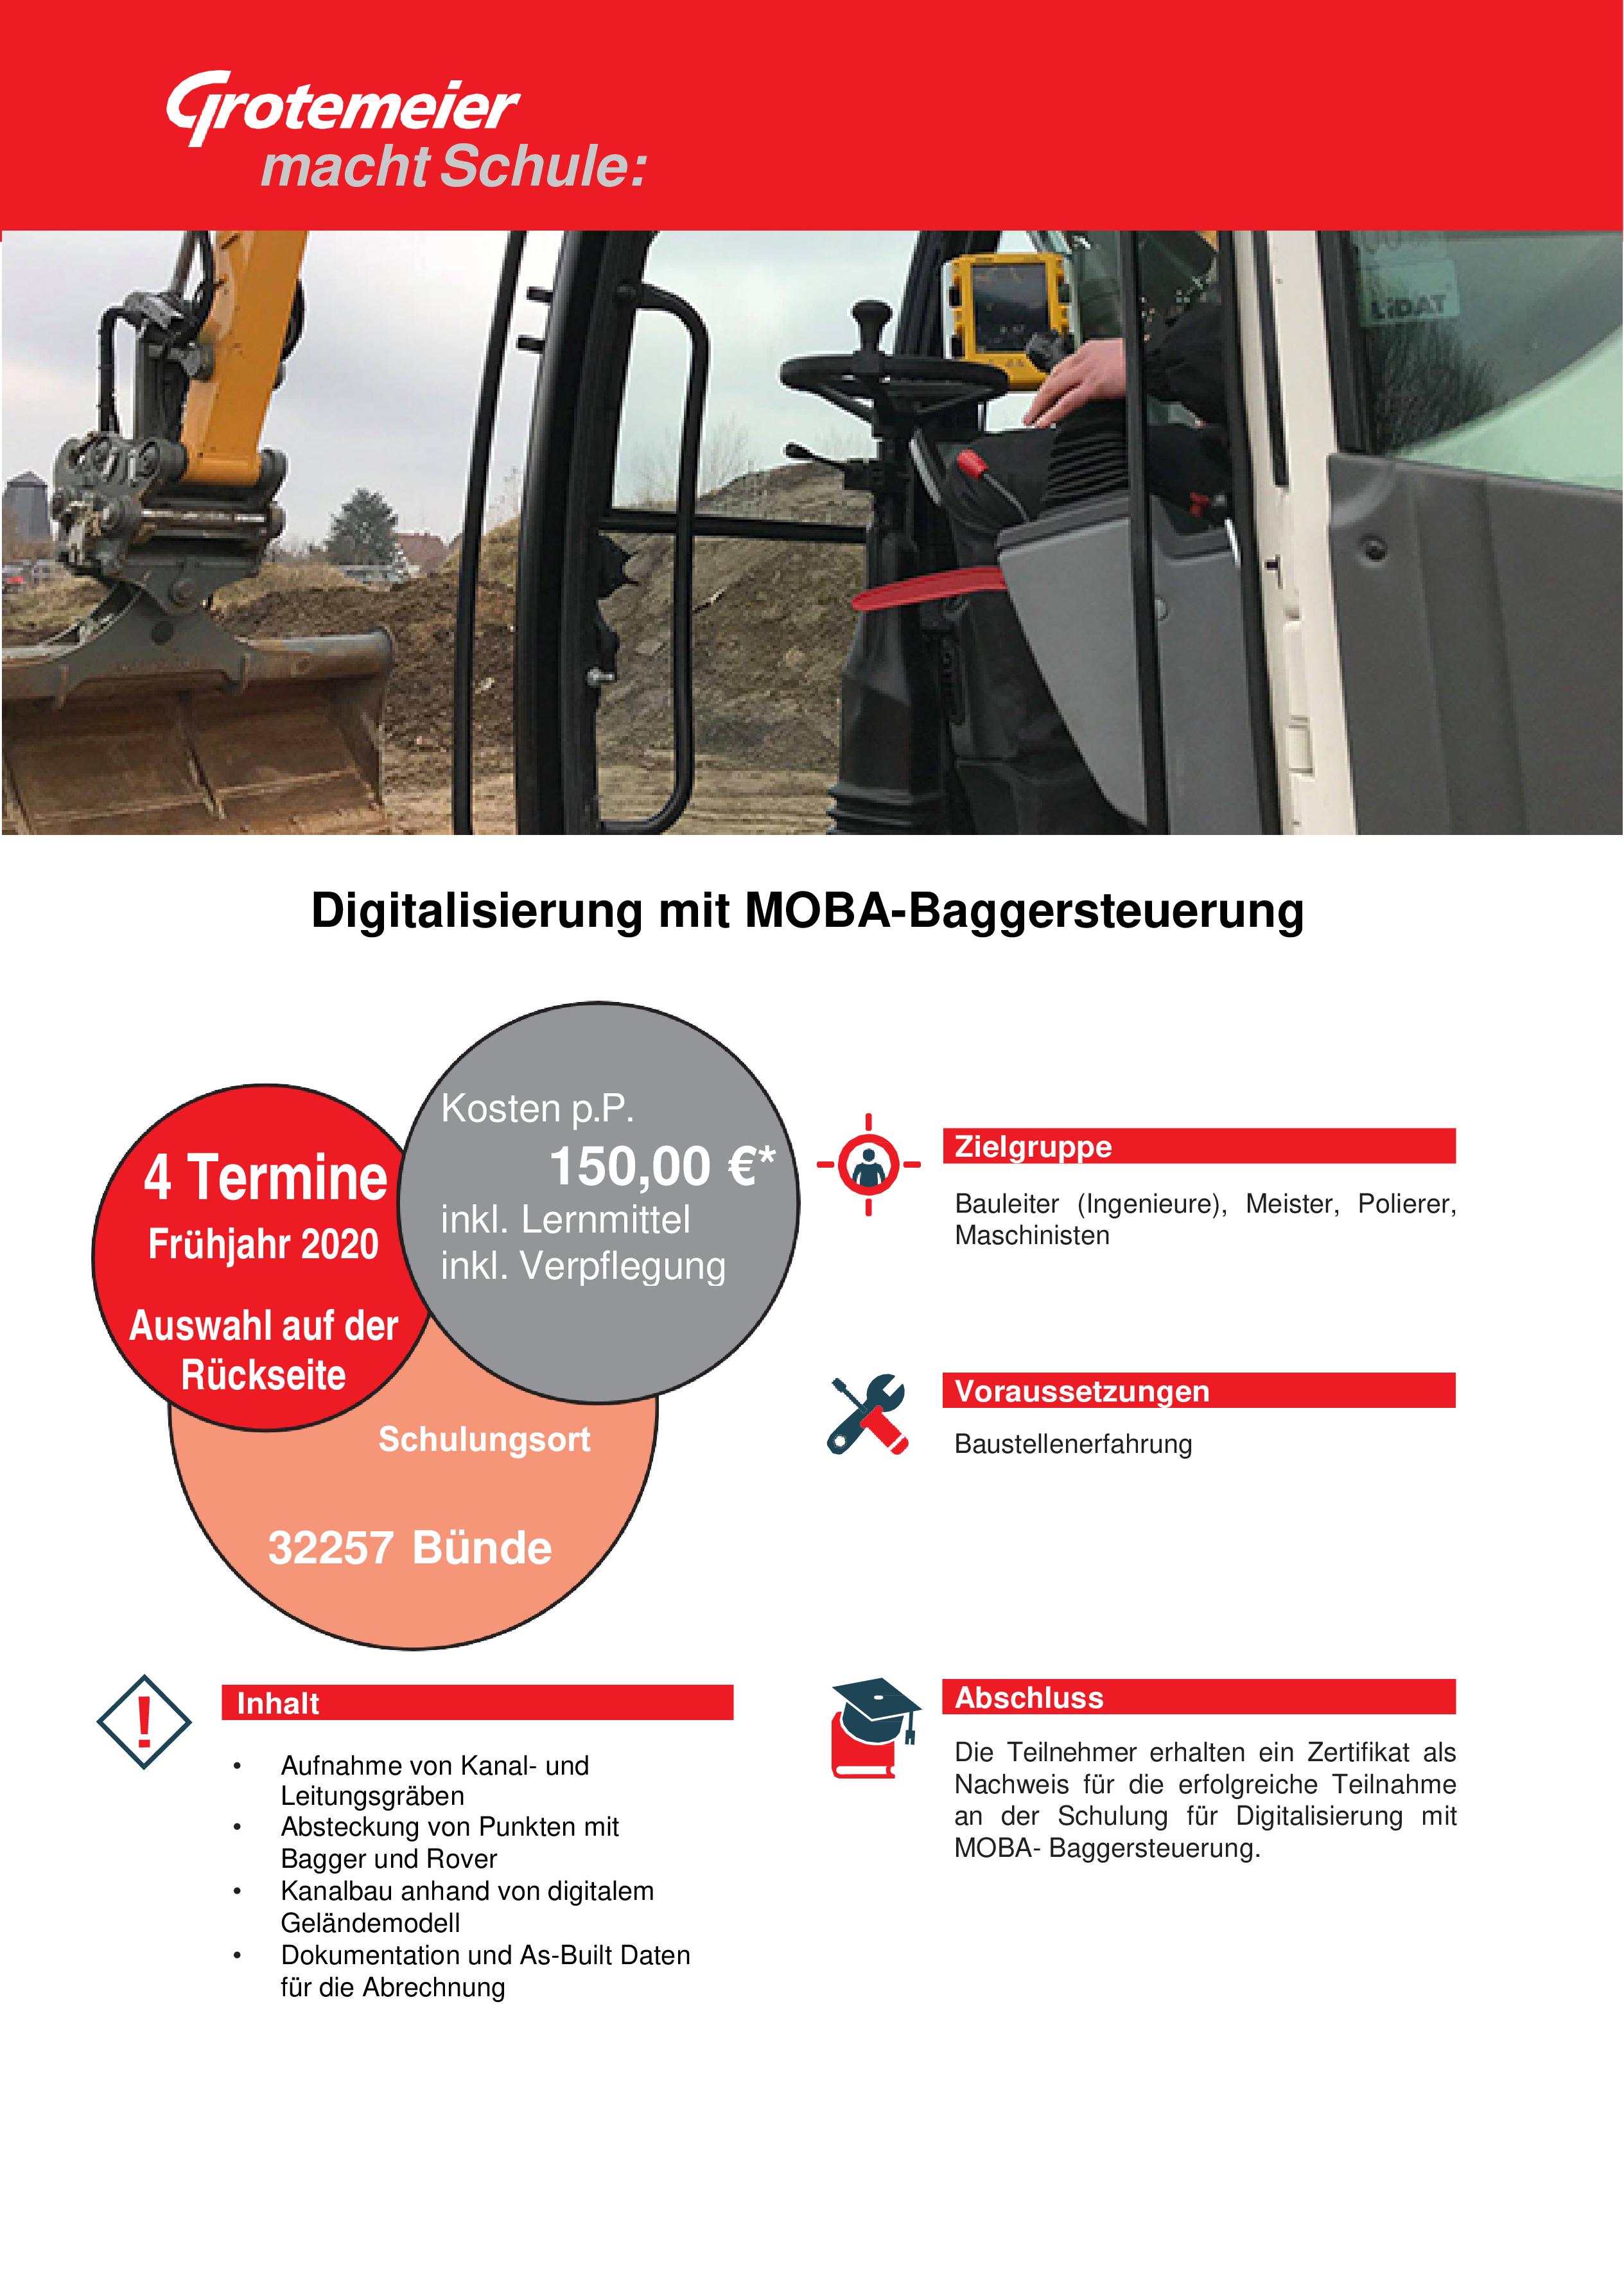 grotemeier_macht_schule_die_digitalisierte_baustelle_moba-001